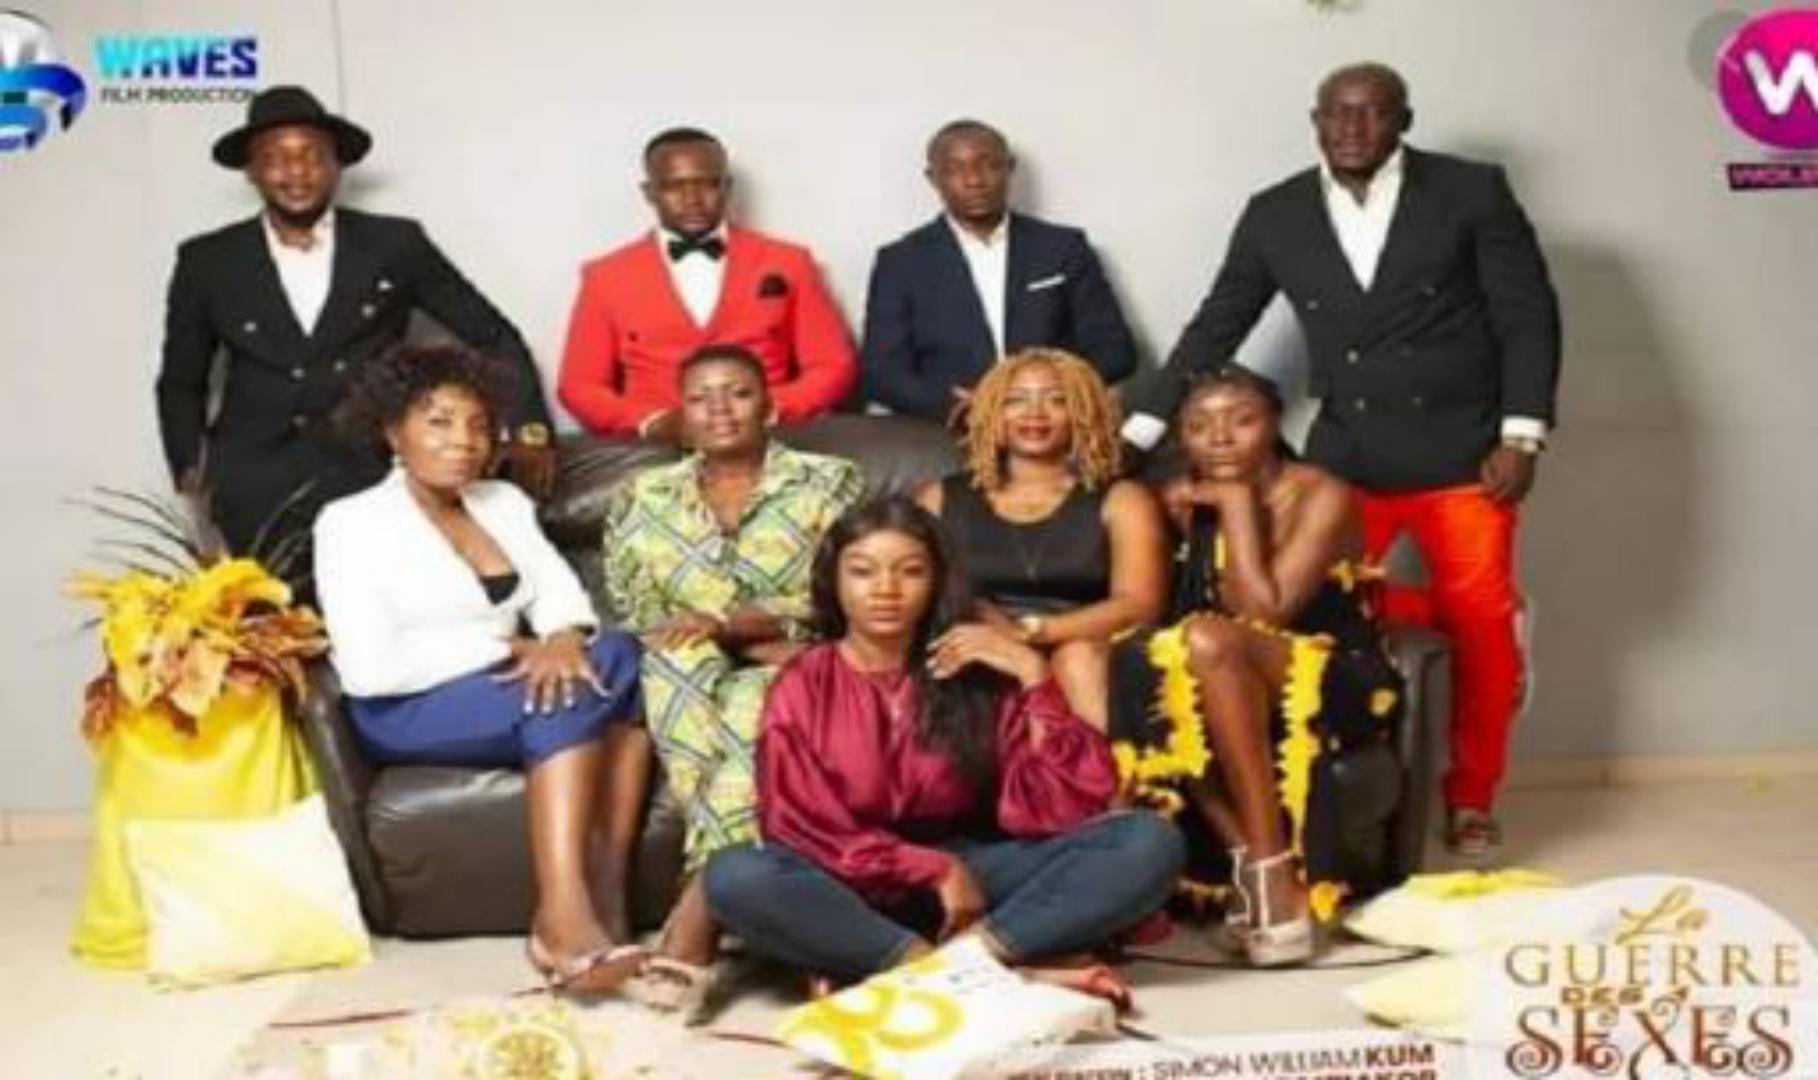 Une série TV camerounaise crée la polémique au Sénégal